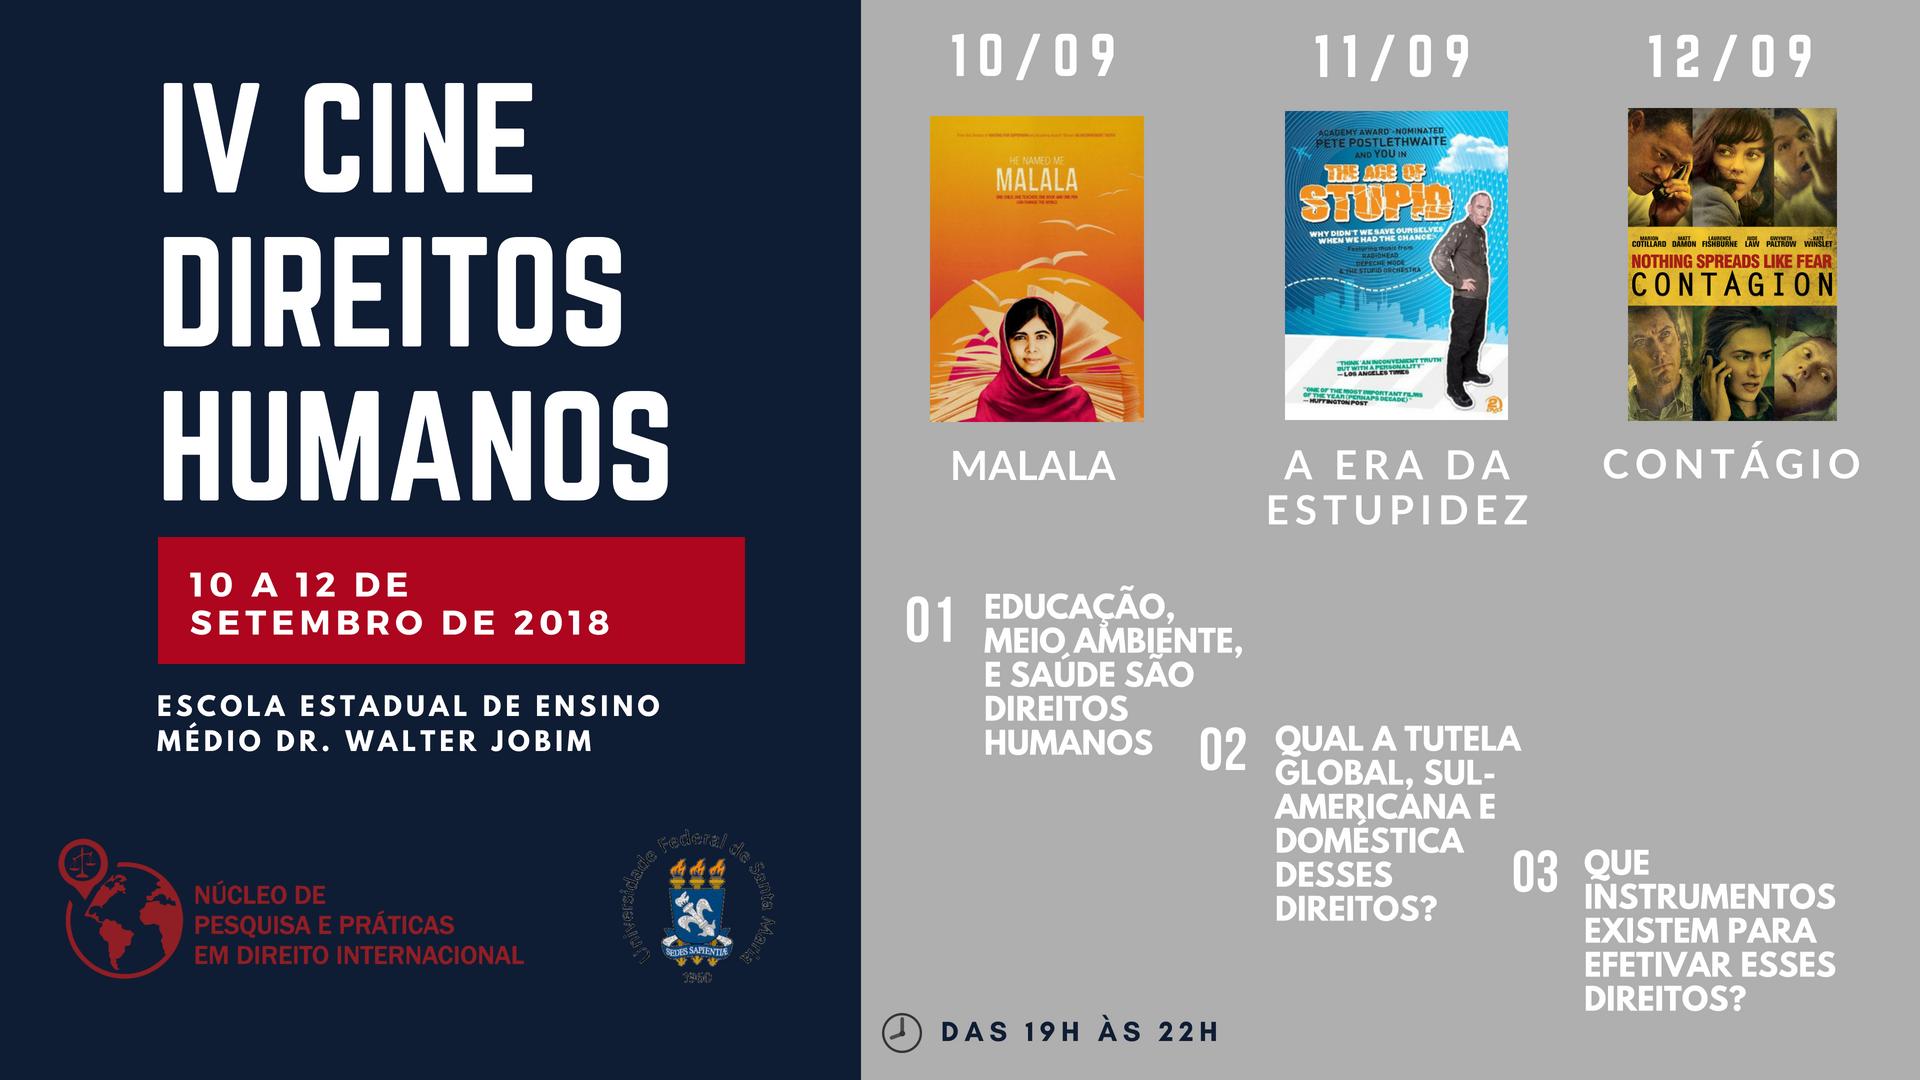 Cine-Direitos-Humanos-2018.png